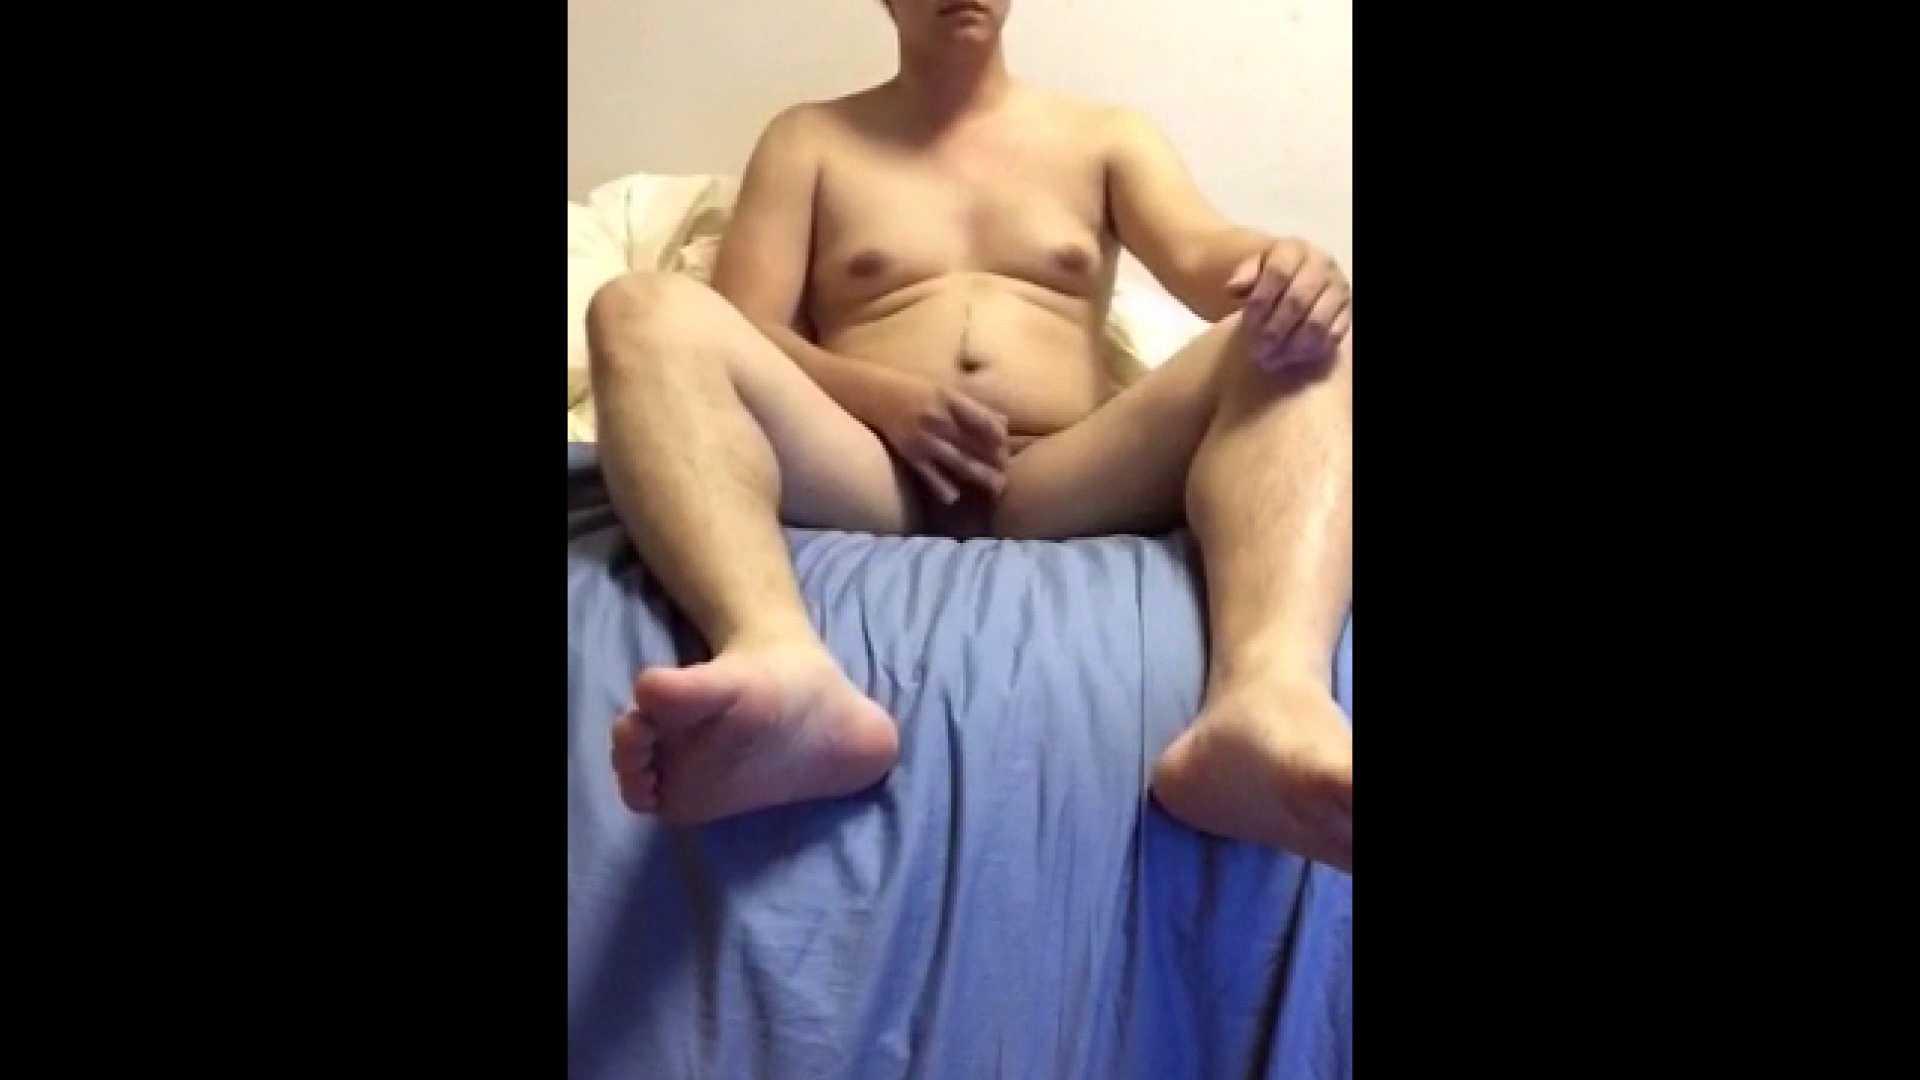 個人撮影 自慰の極意 Vol.18 オナニー専門男子 ゲイアダルト画像 76画像 6